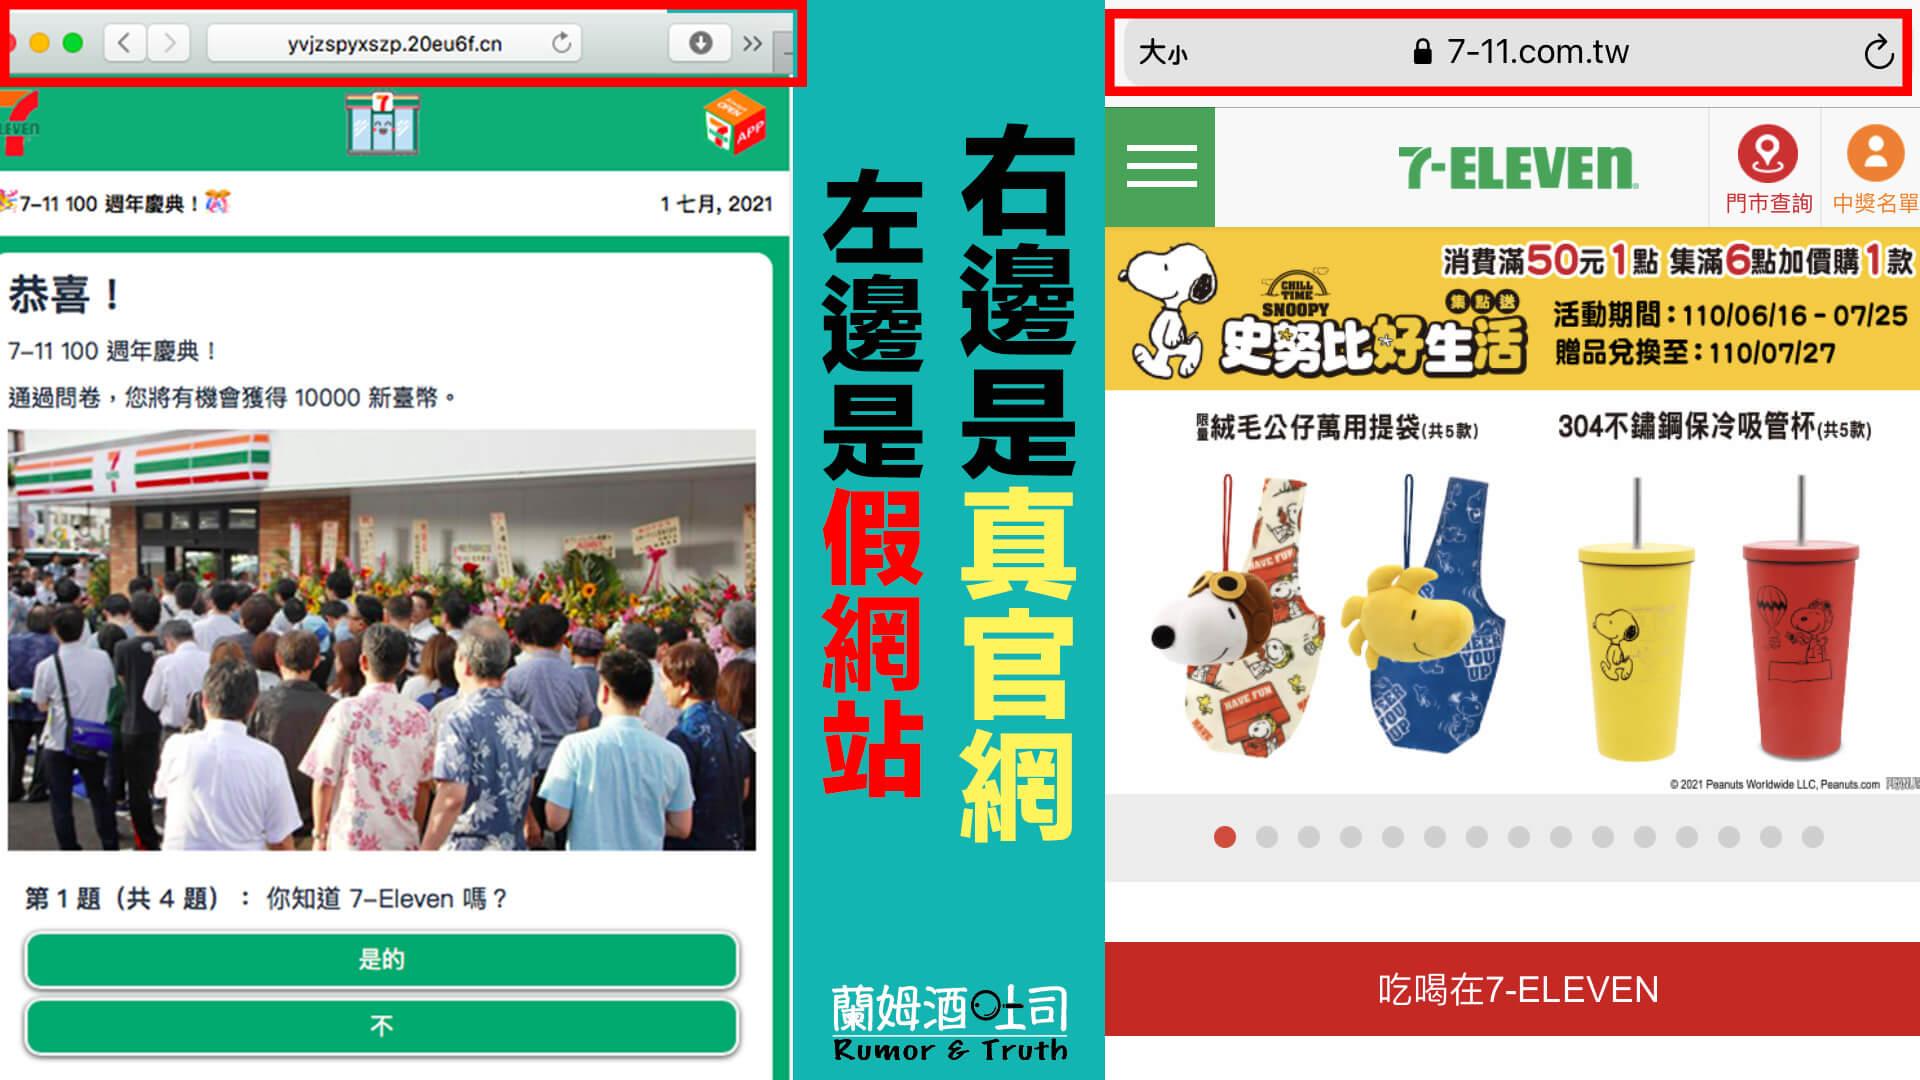 左邊是詐騙網站的頁面,右邊才是真正7-ELEVEN的官網,請大家一定要認清楚。